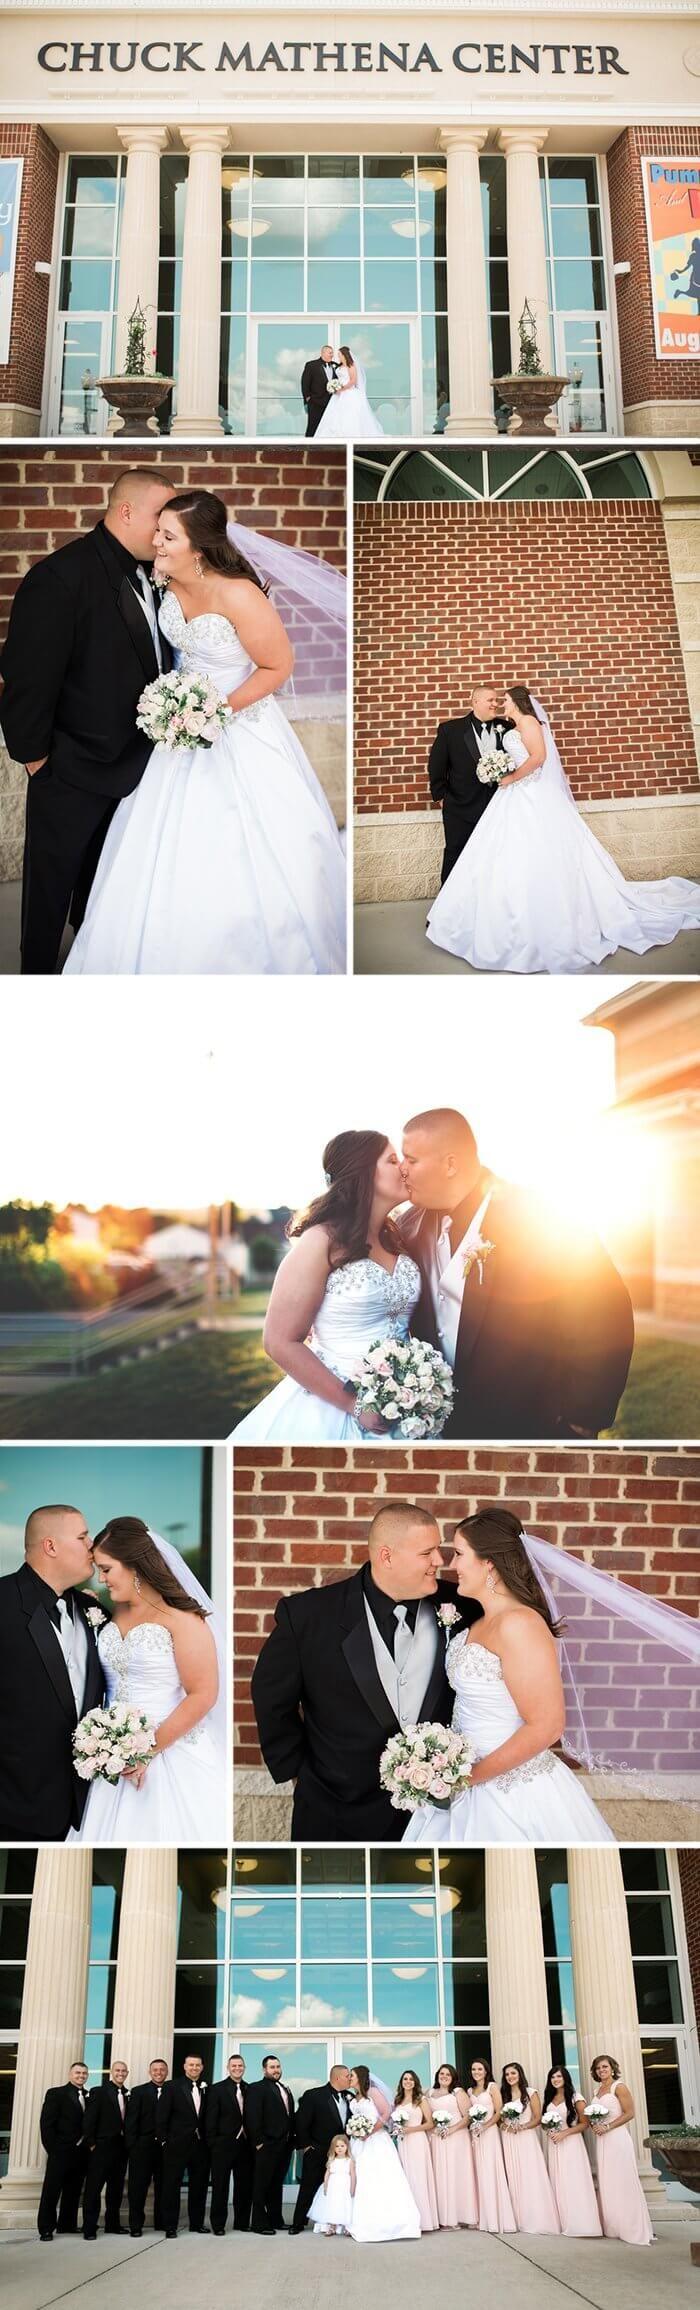 Brautkleider Bilder Tolle Inspirationen Von Meerjungfrau Bis Prinzessin Braut Brautkleid Prinzessin Brautkleid